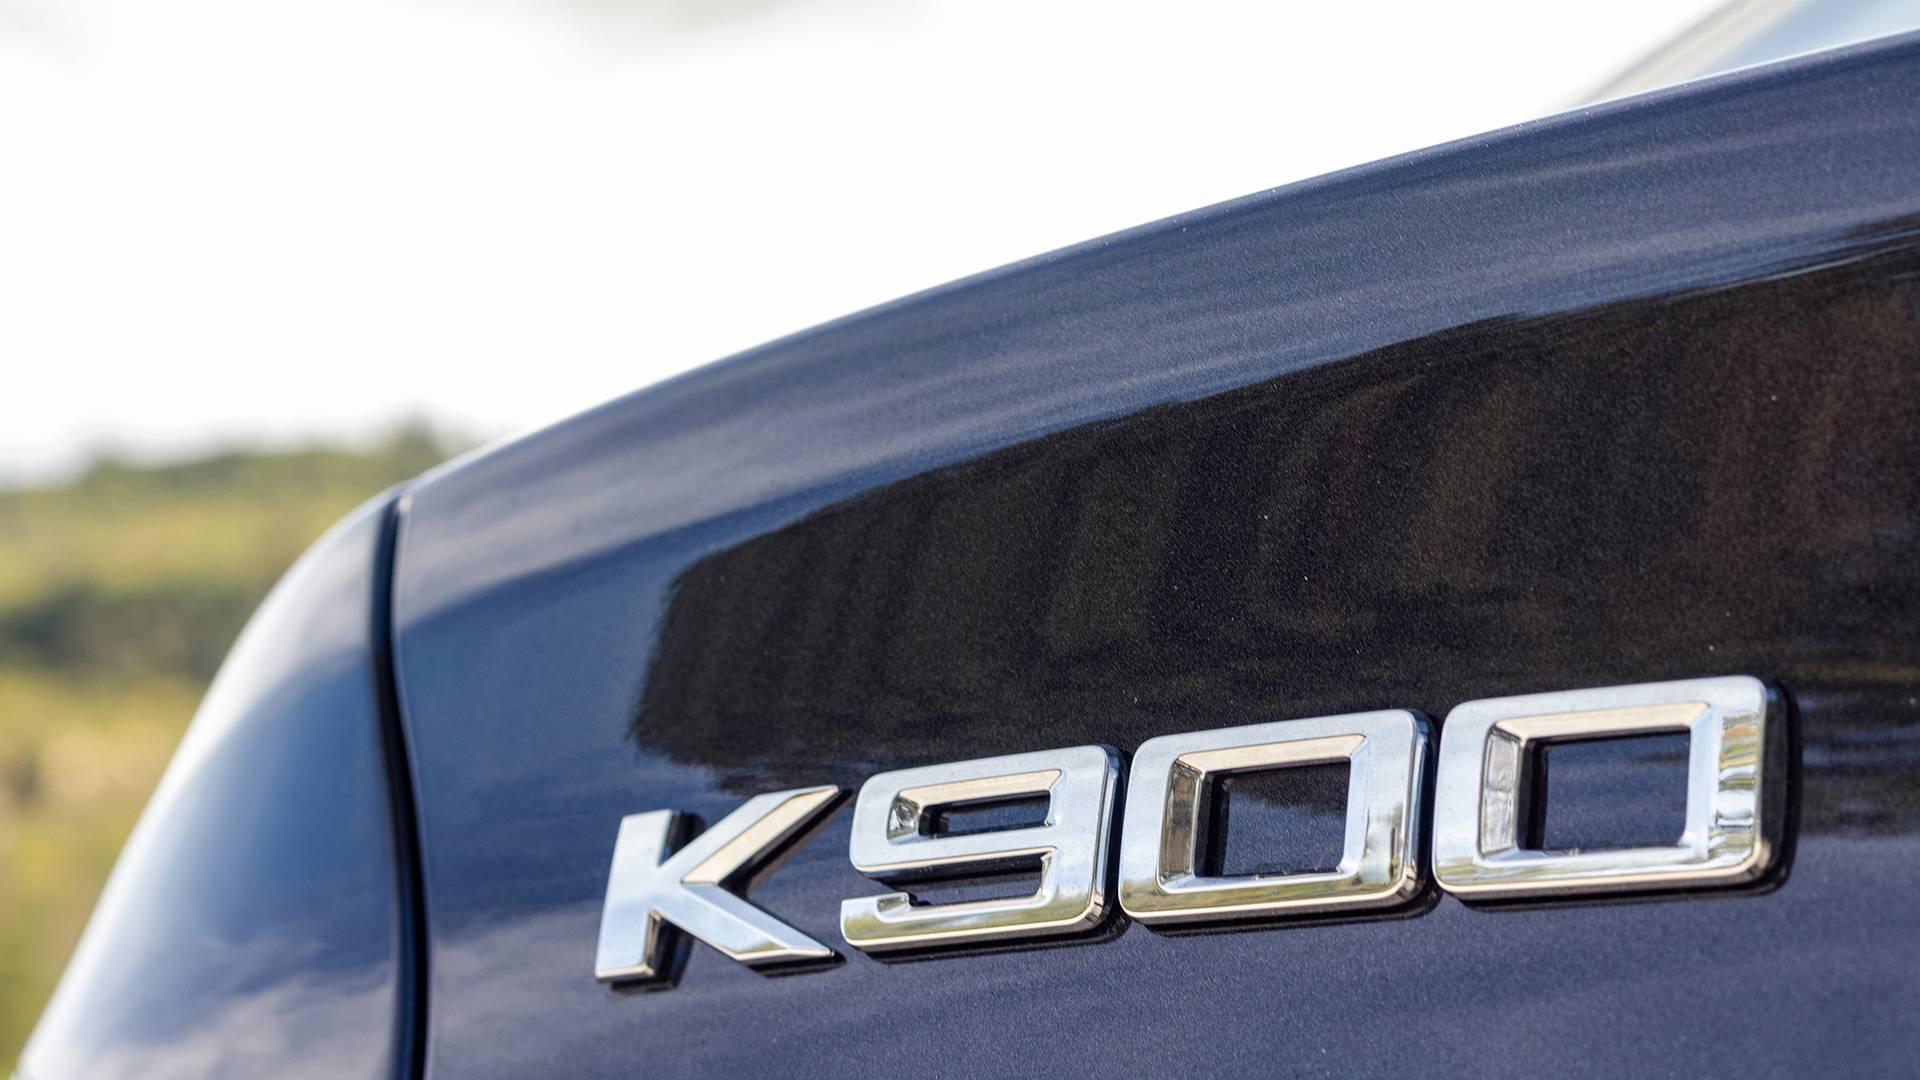 2019-kia-k900-danh-gia-4.jpg